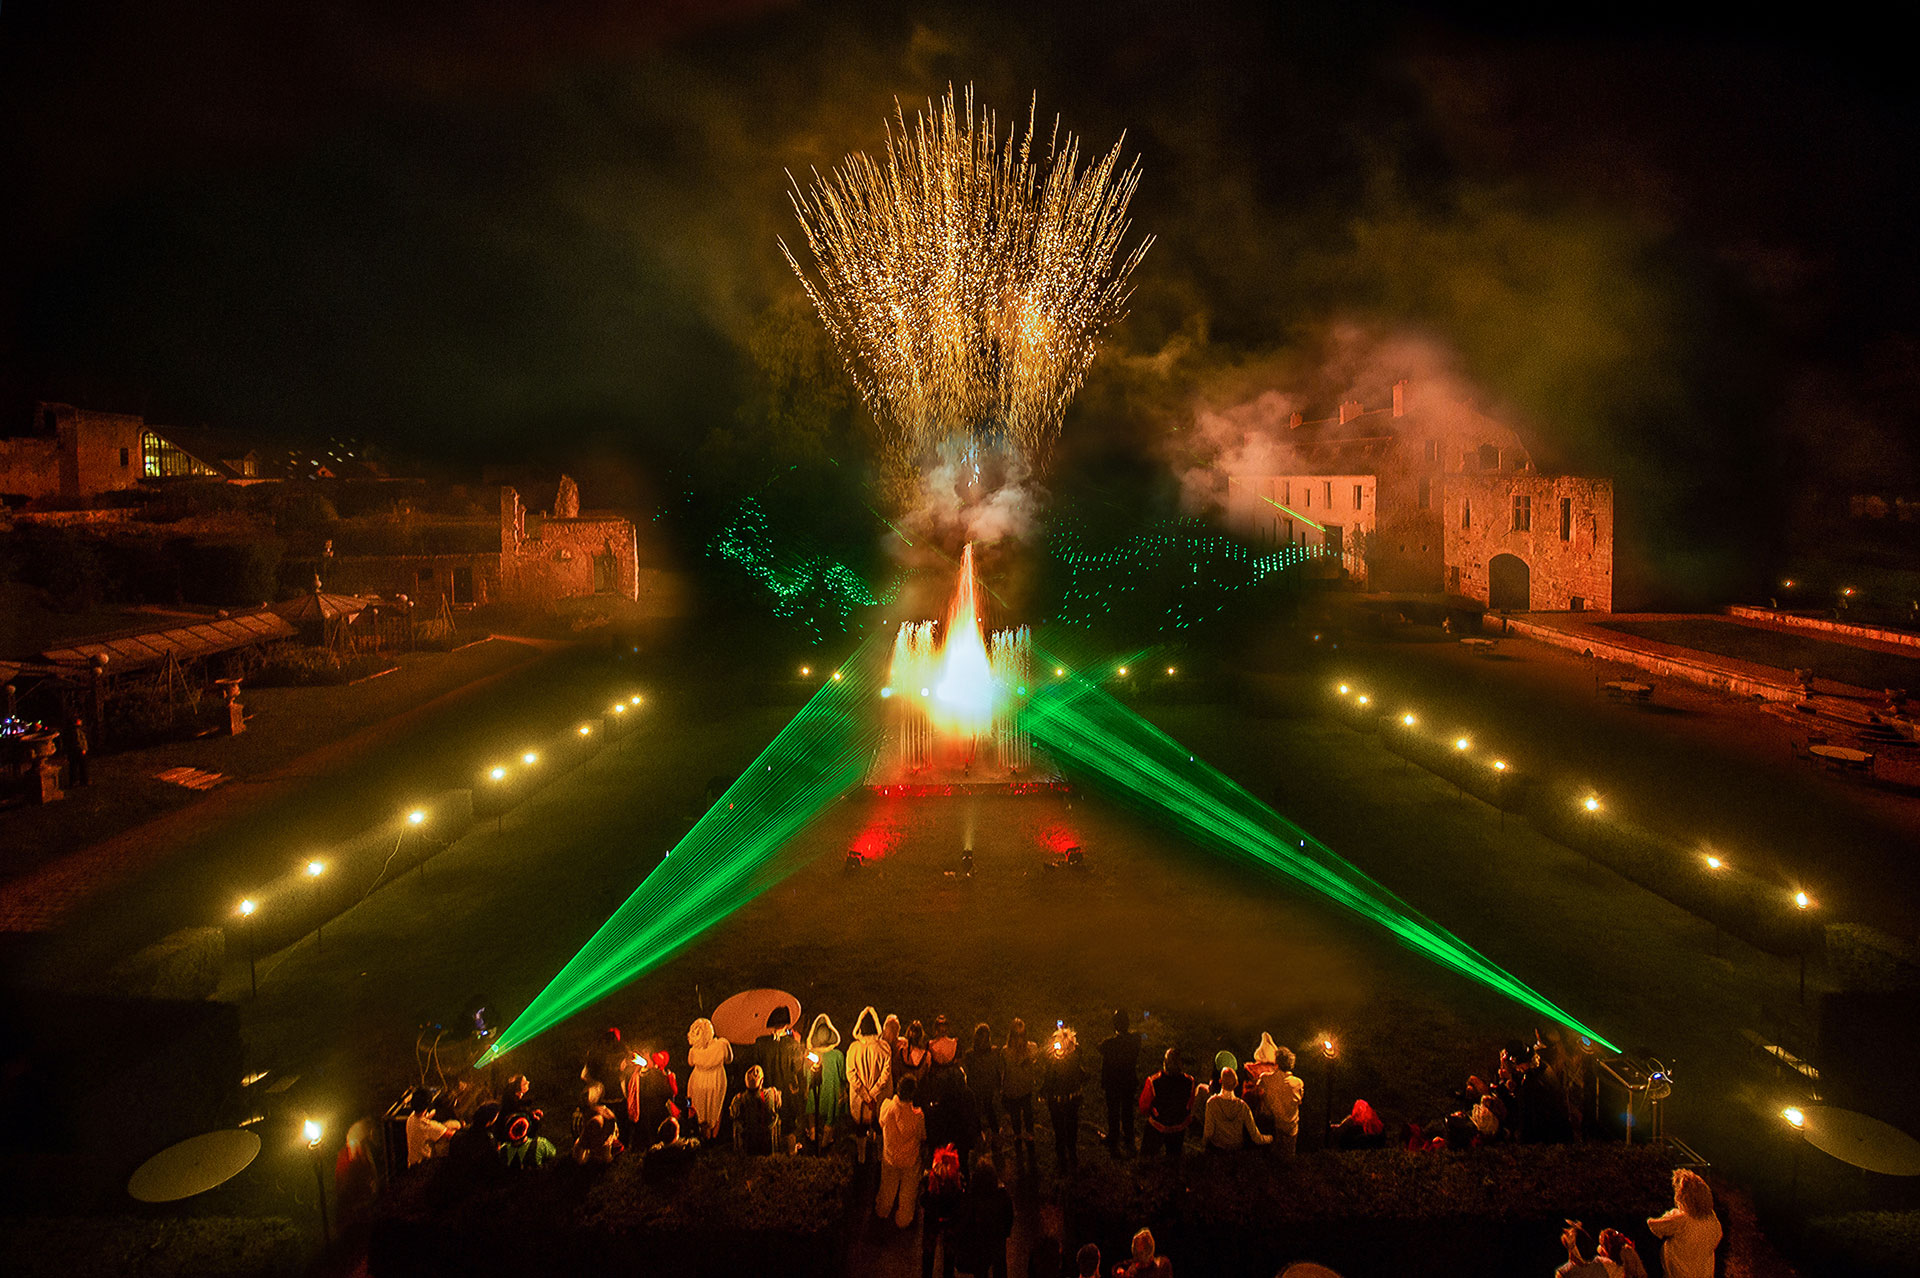 les convives de la réception sortent dans le parc du château pour le spectacle d'eau, de laser et de feu